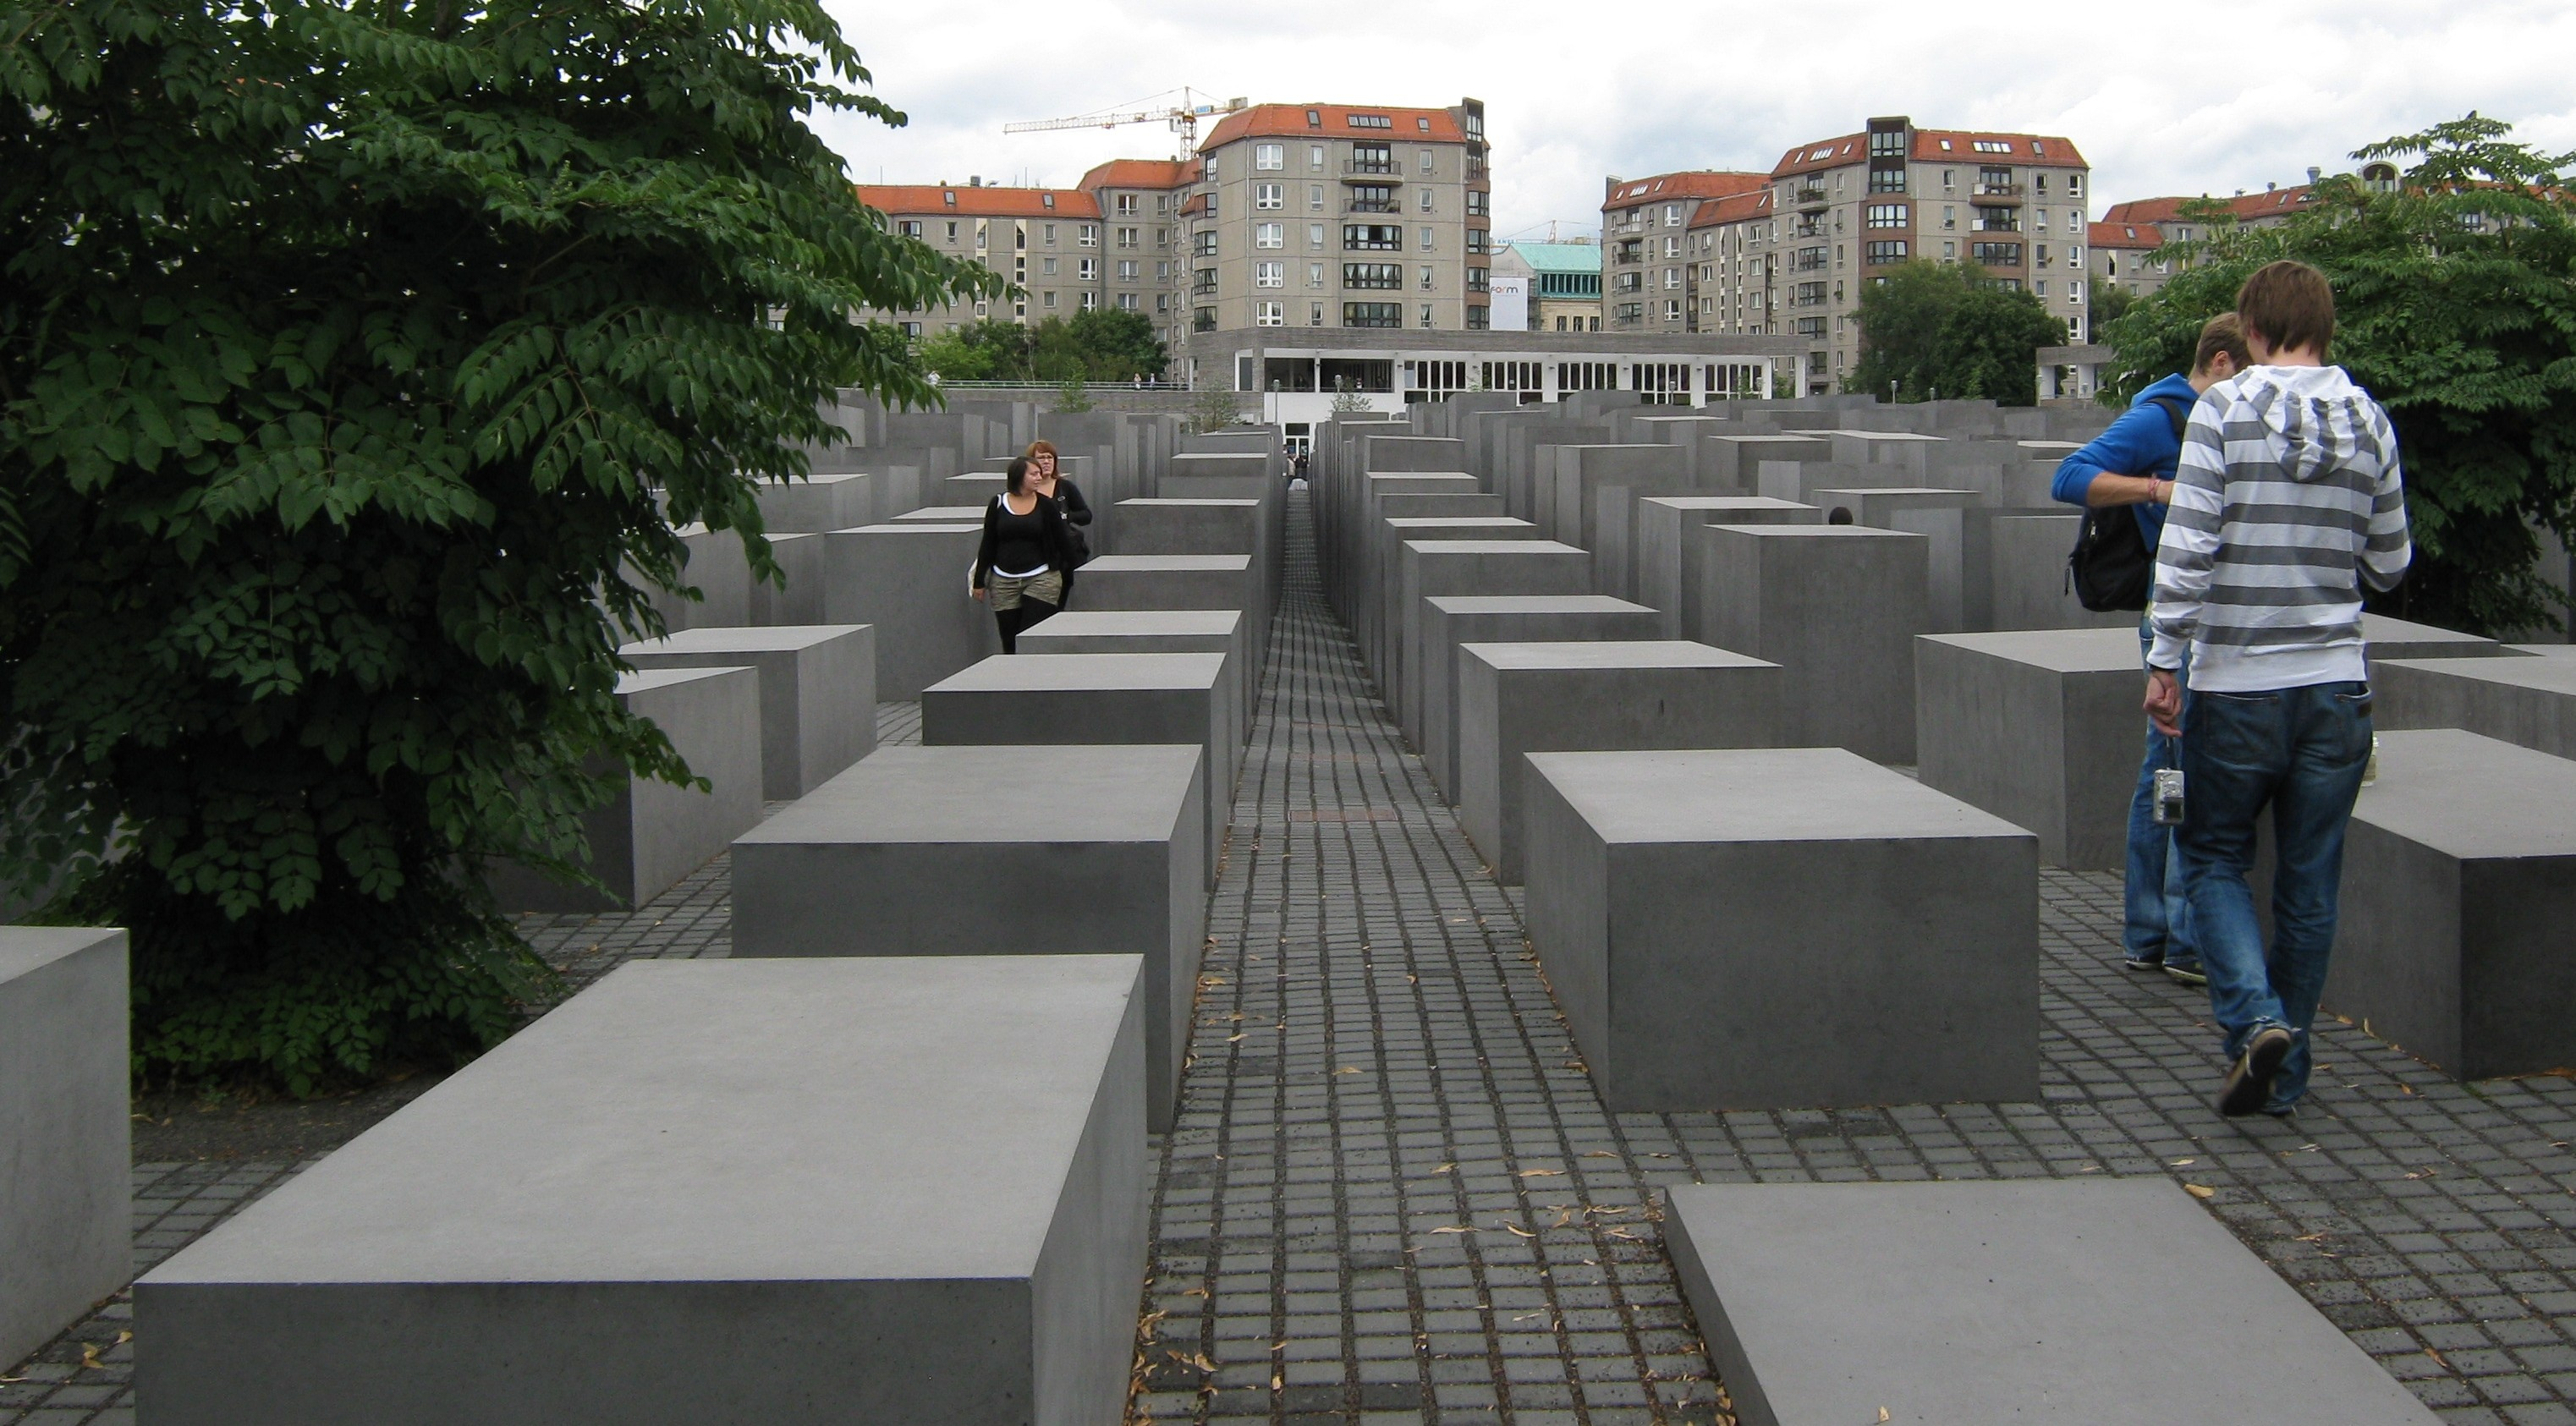 ベルリンおすすめの人気観光名所24選!中心部だけじゃもったいないドイツ最大都市の魅力